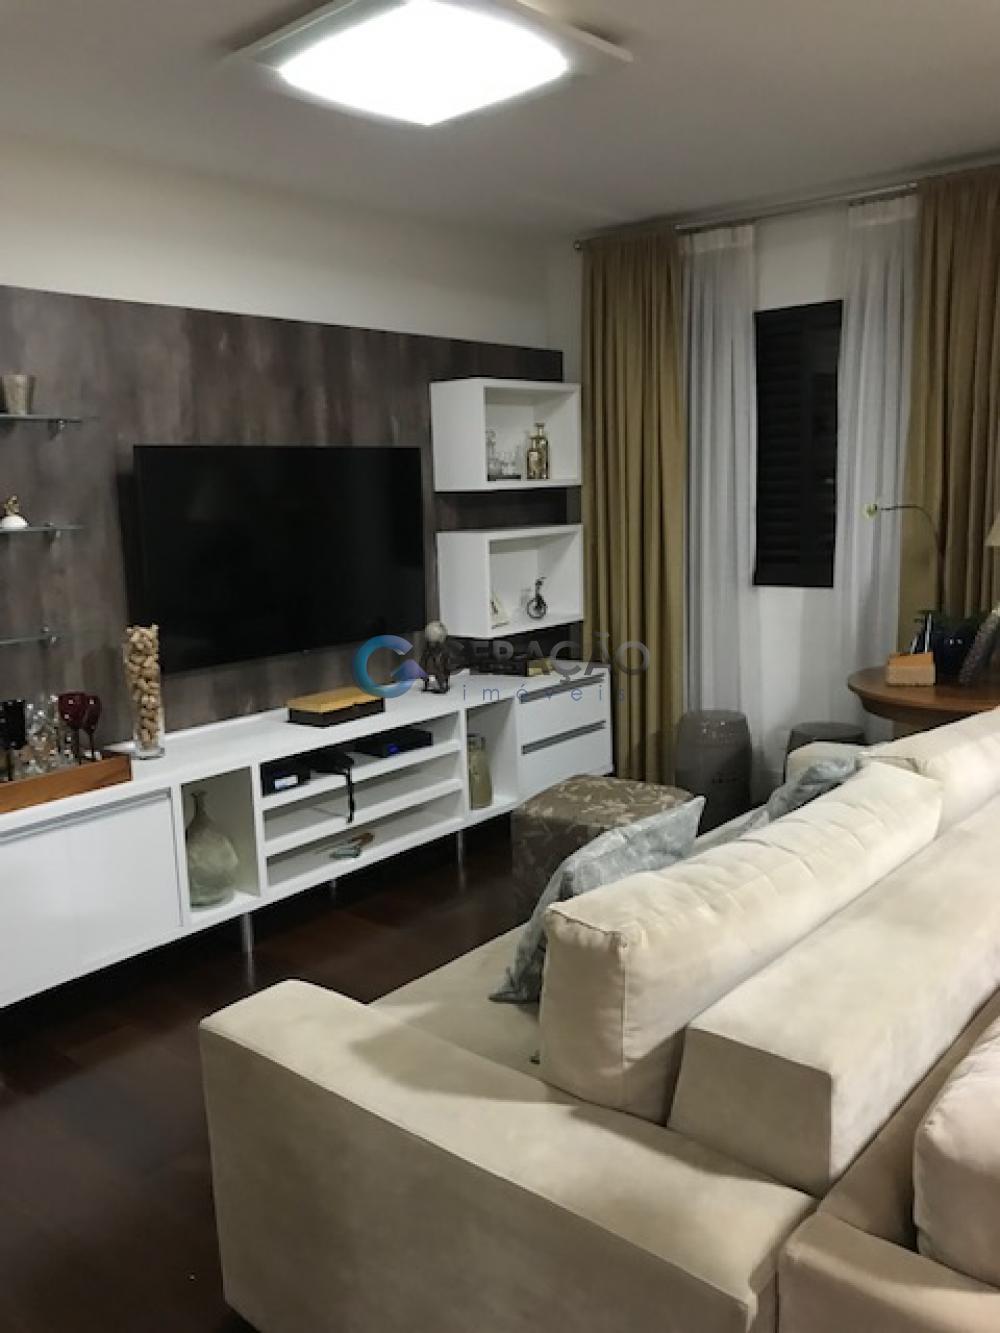 Comprar Apartamento / Padrão em São José dos Campos apenas R$ 850.000,00 - Foto 2